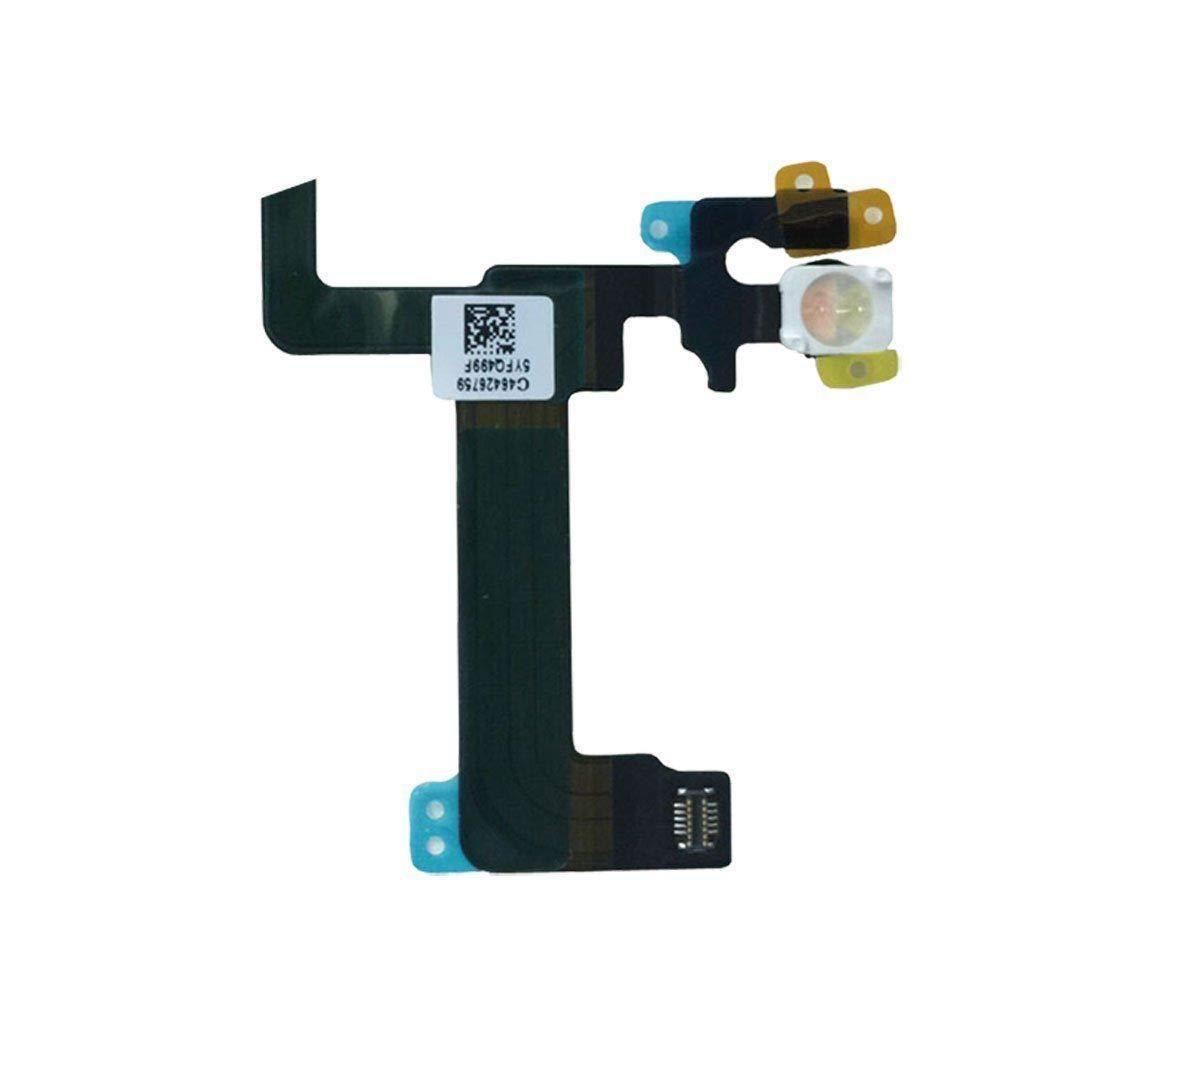 FidgetFidget Button Flex Cable Replacement Switch On Off Power